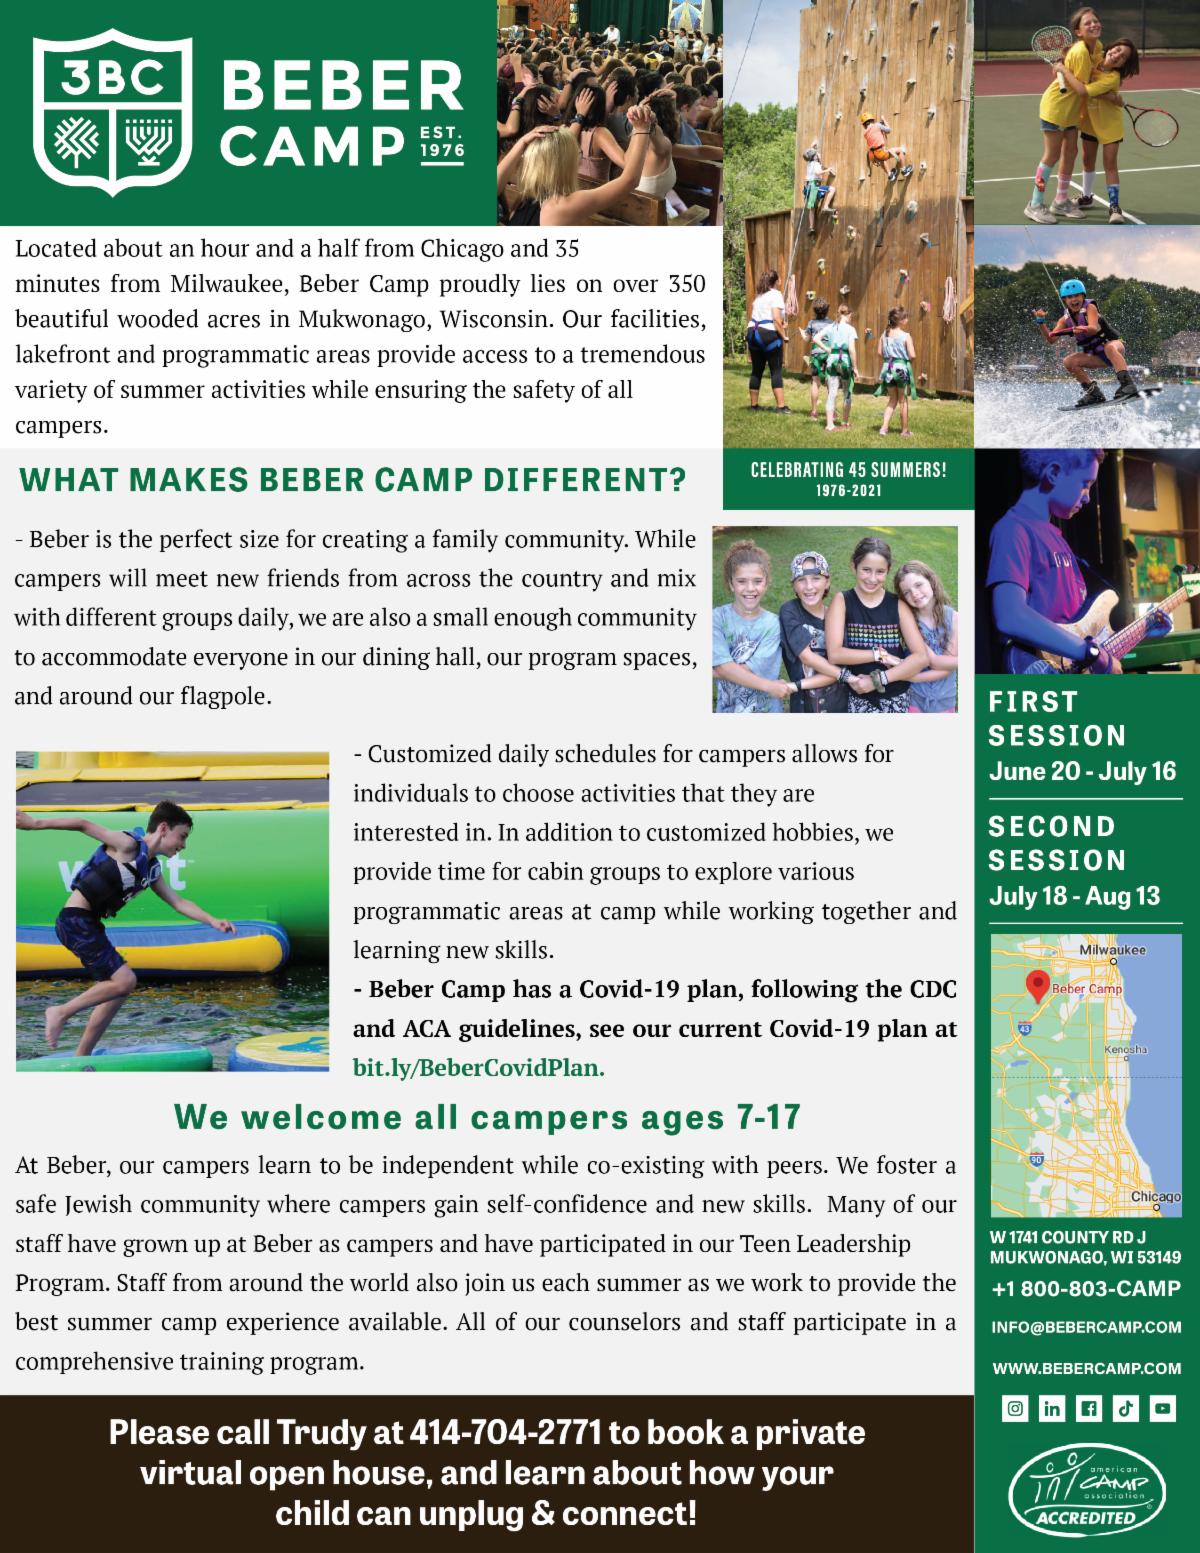 Beber Camp 2020 Trudy_Flyer_Flyer.png